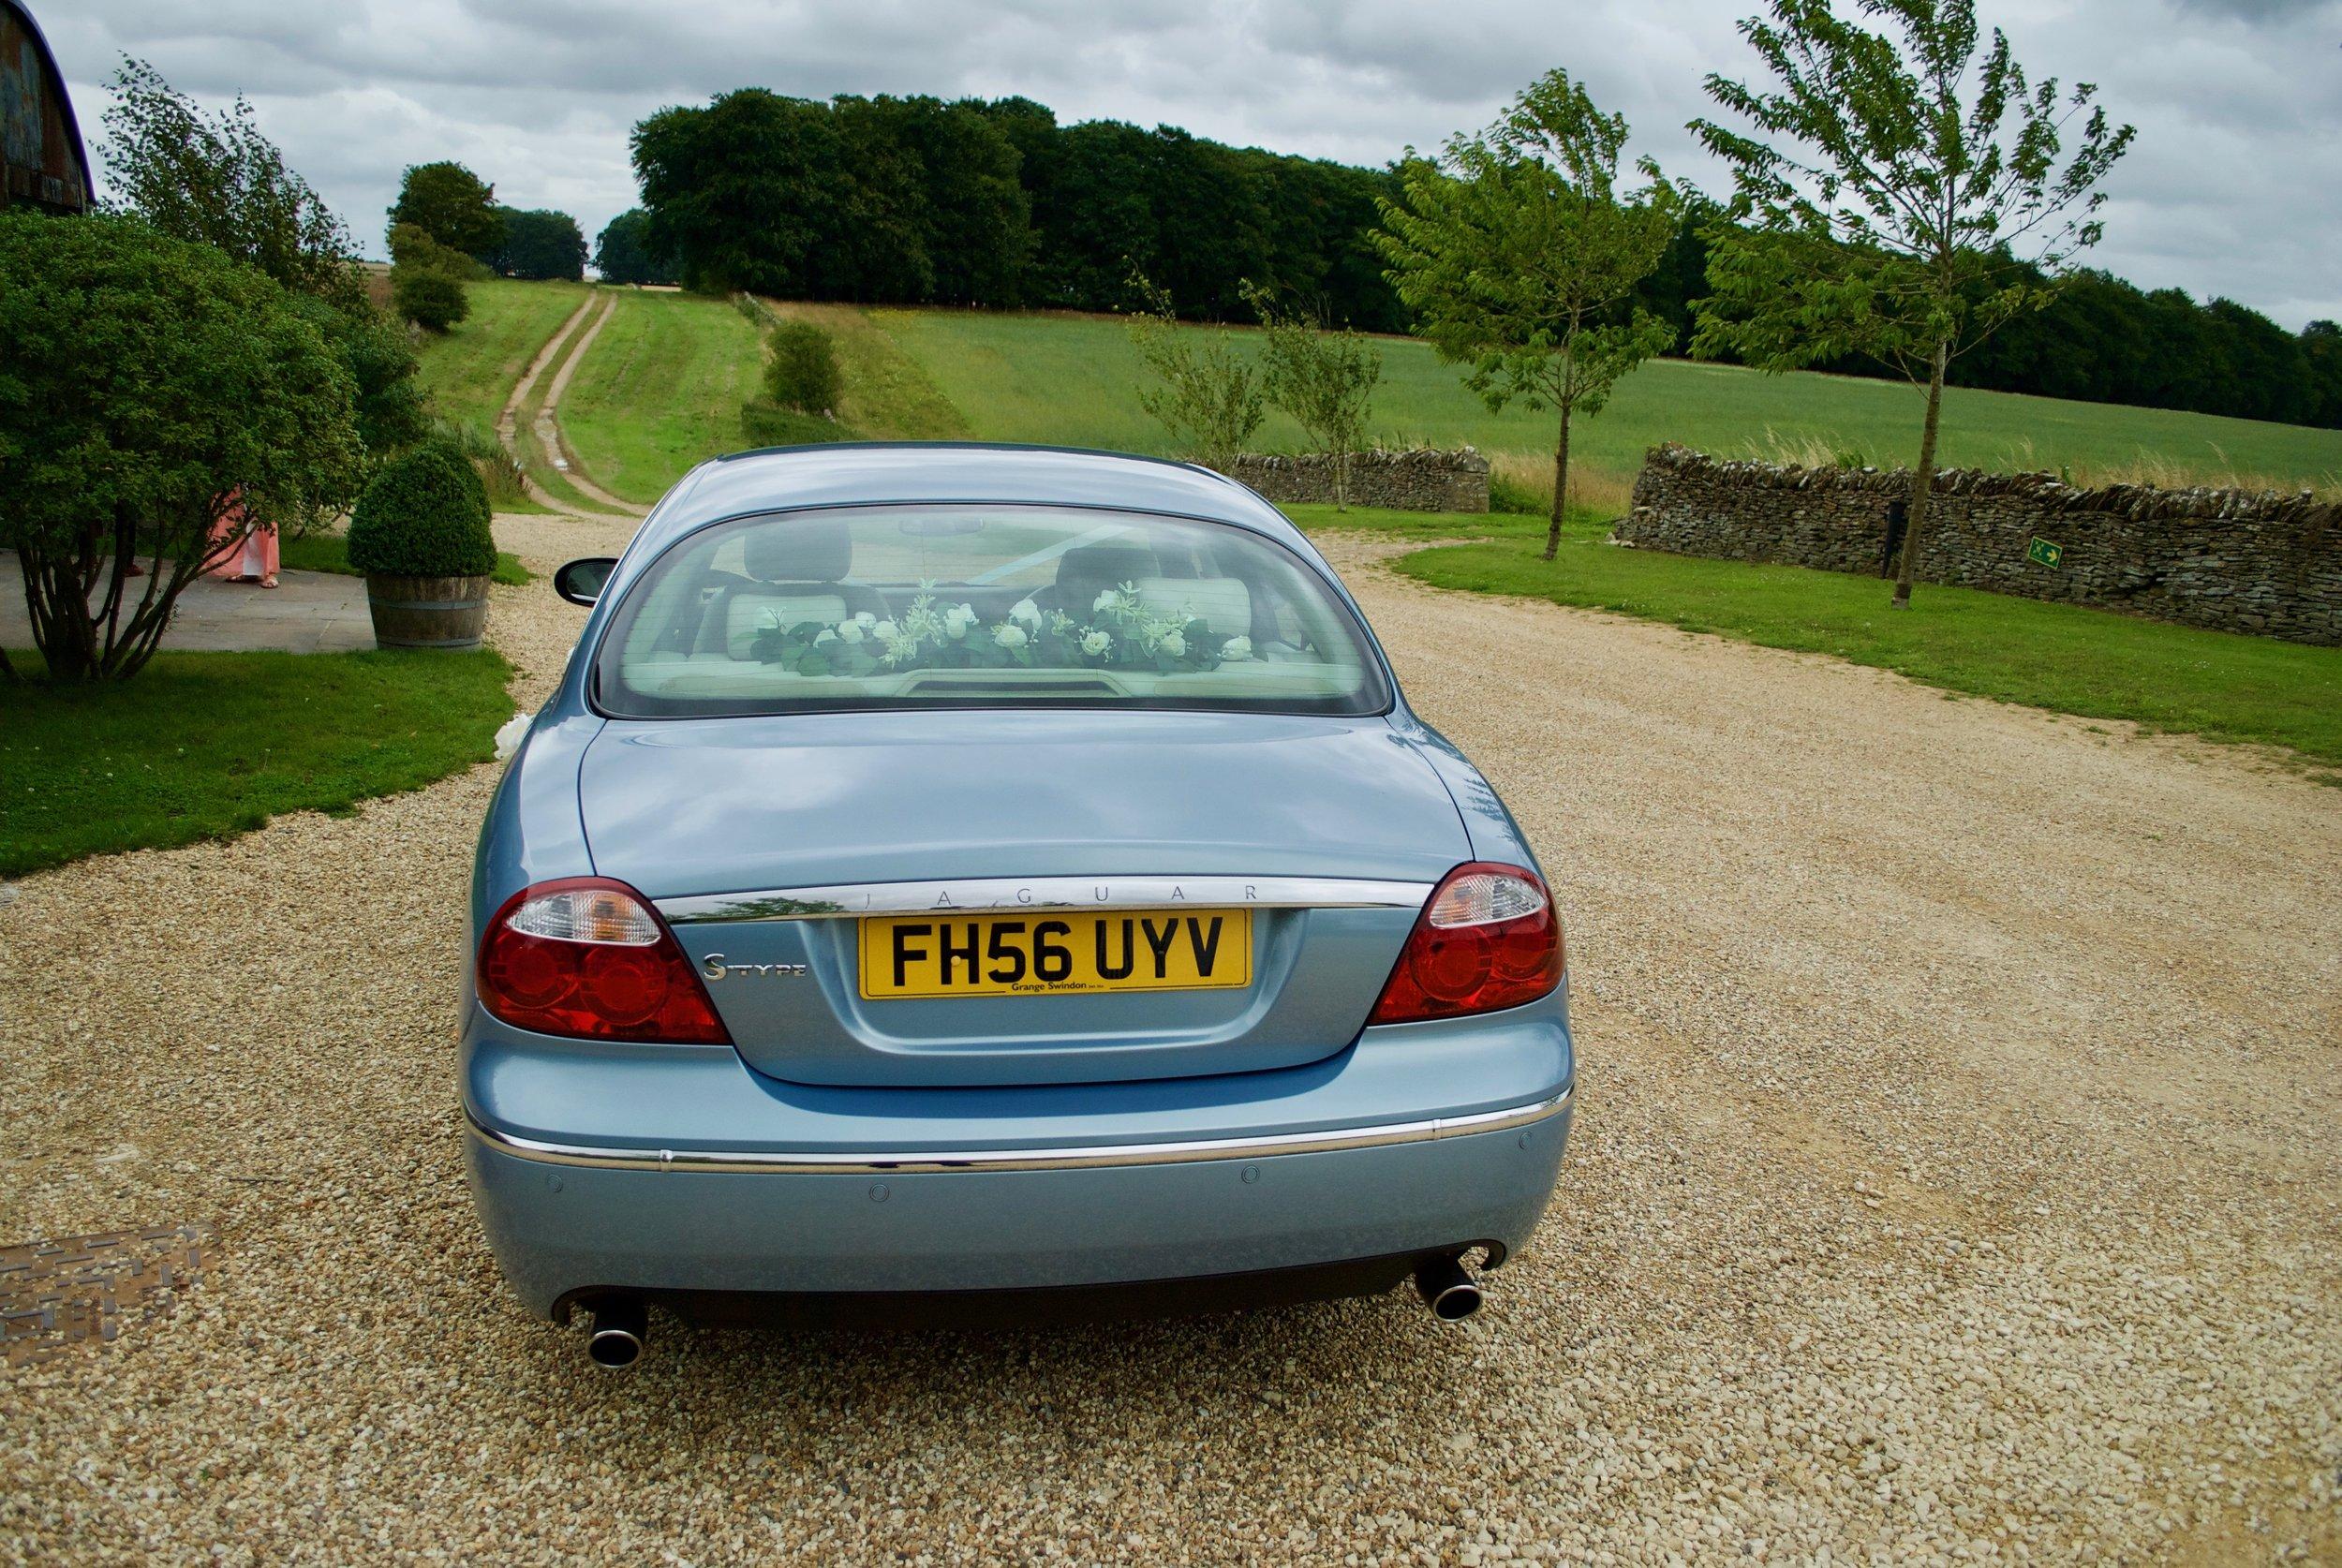 S Type off roading